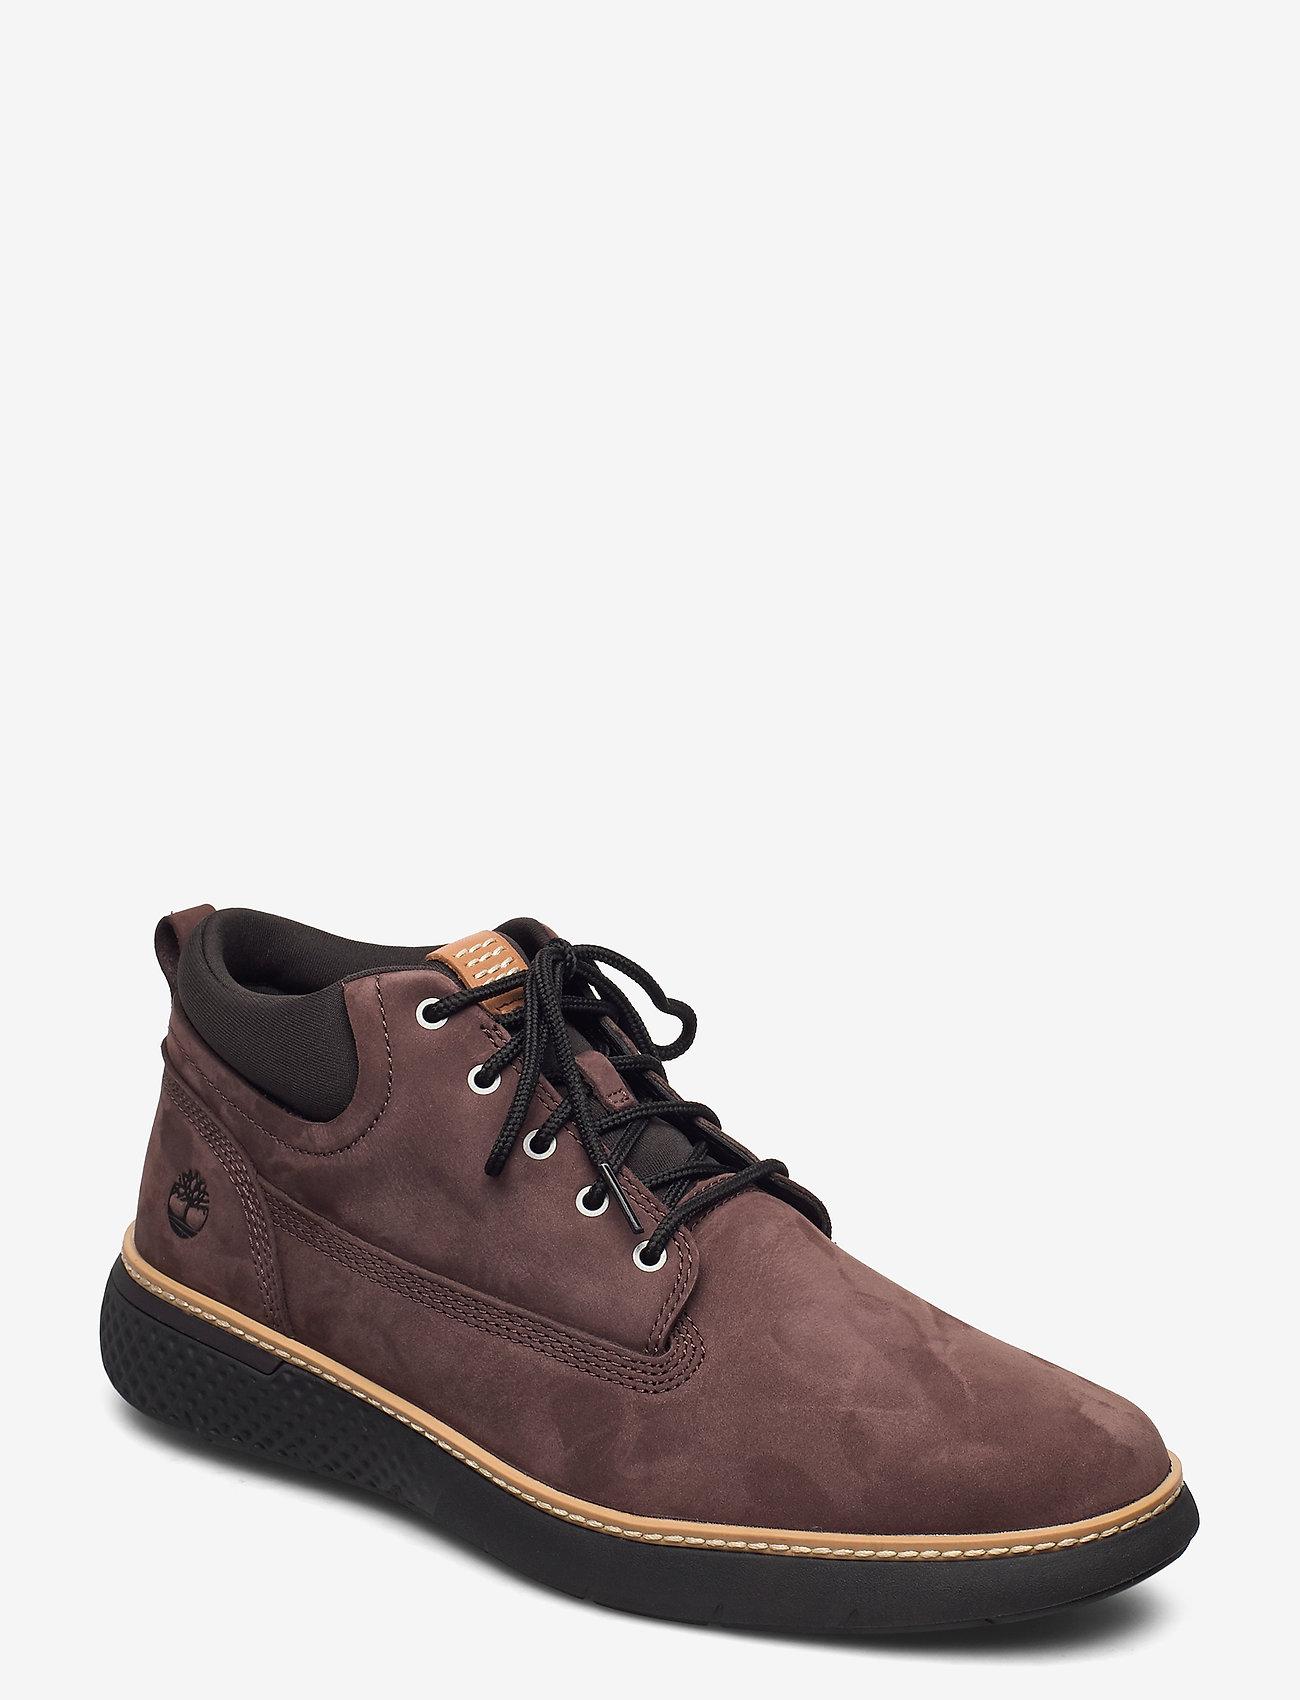 Timberland - CROSS MARK PT CHKA DKBRN - desert boots - soil - 0